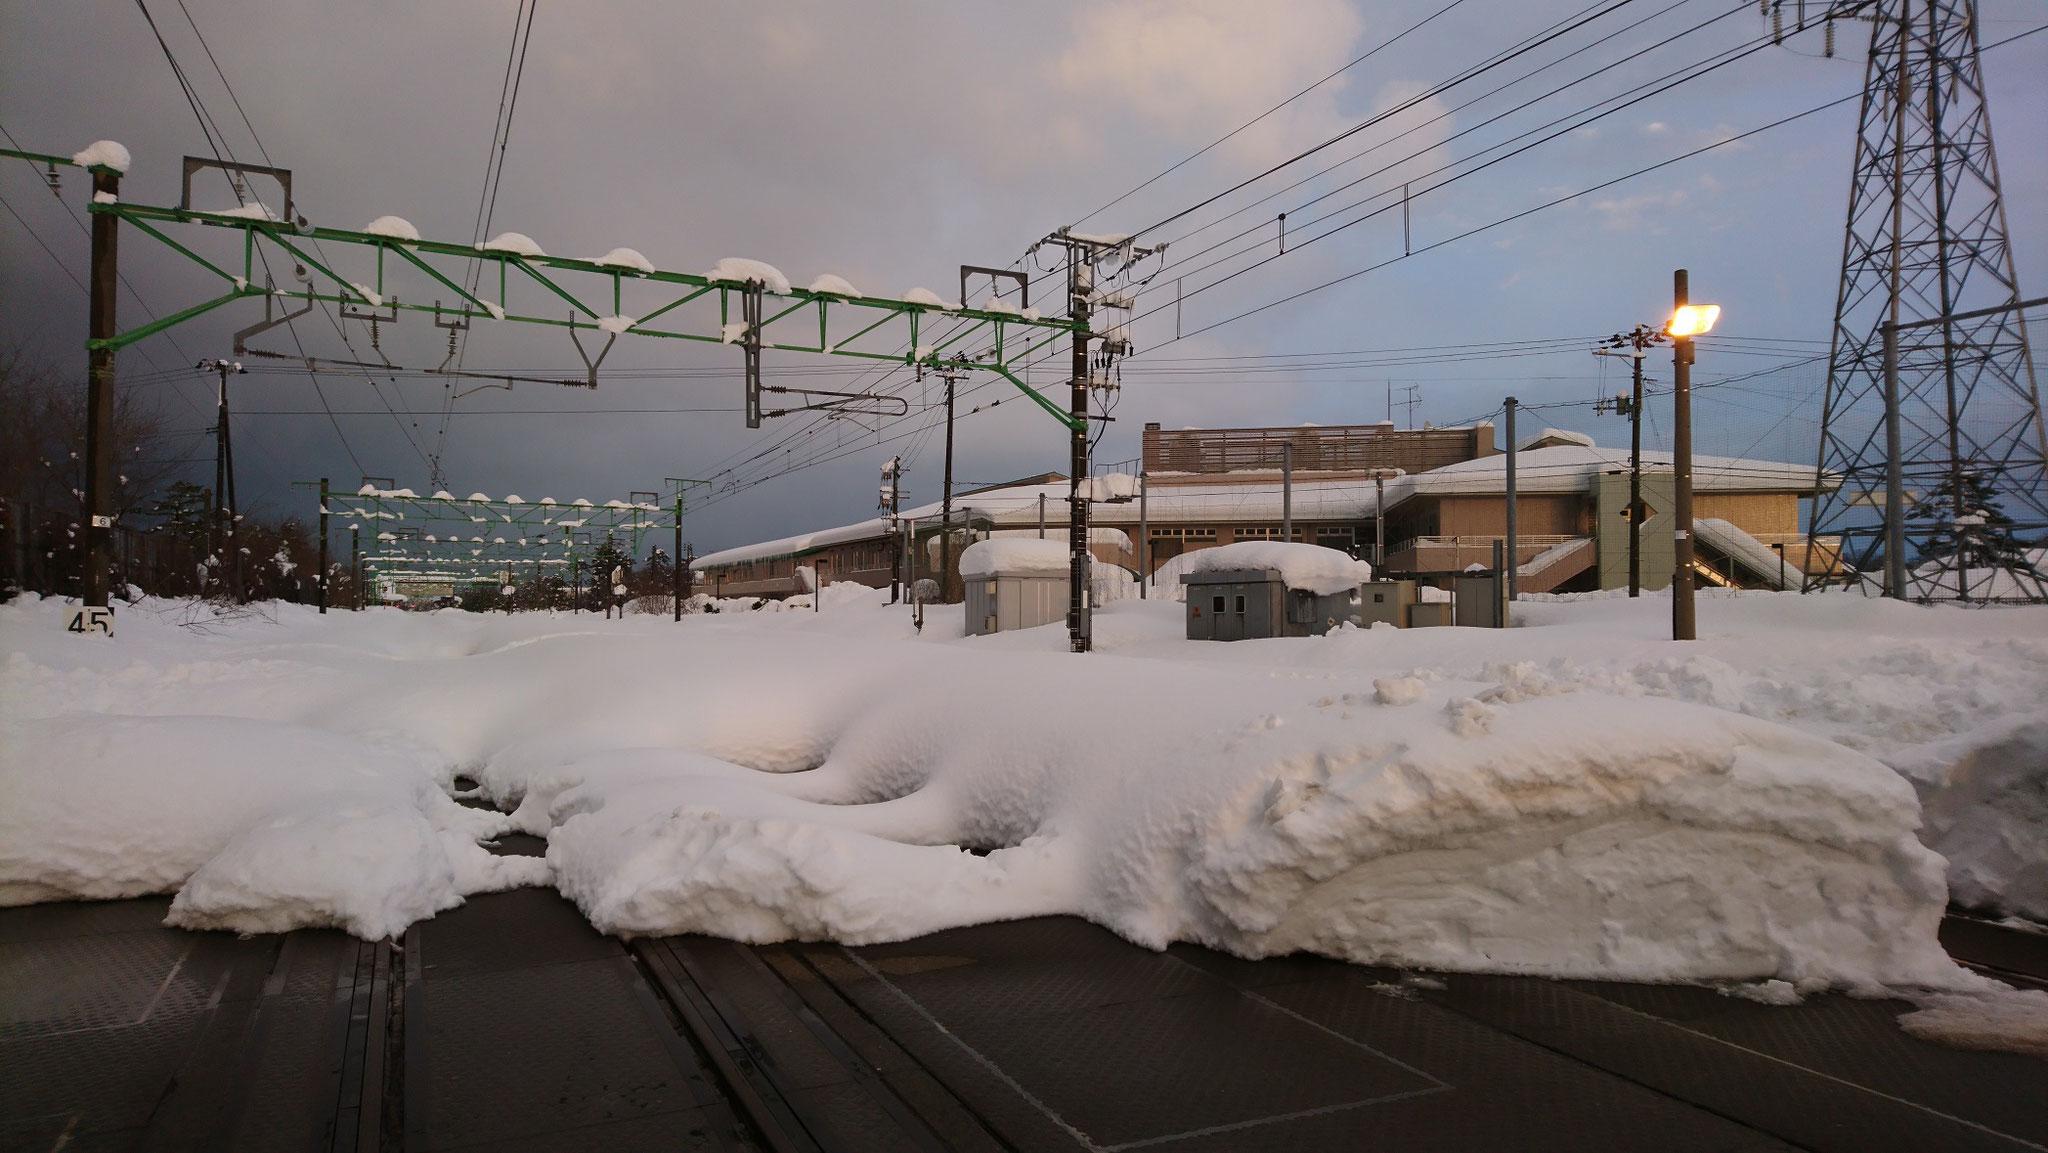 画像に見える建物が当施設。隣のJR信越本線は除雪されていません。